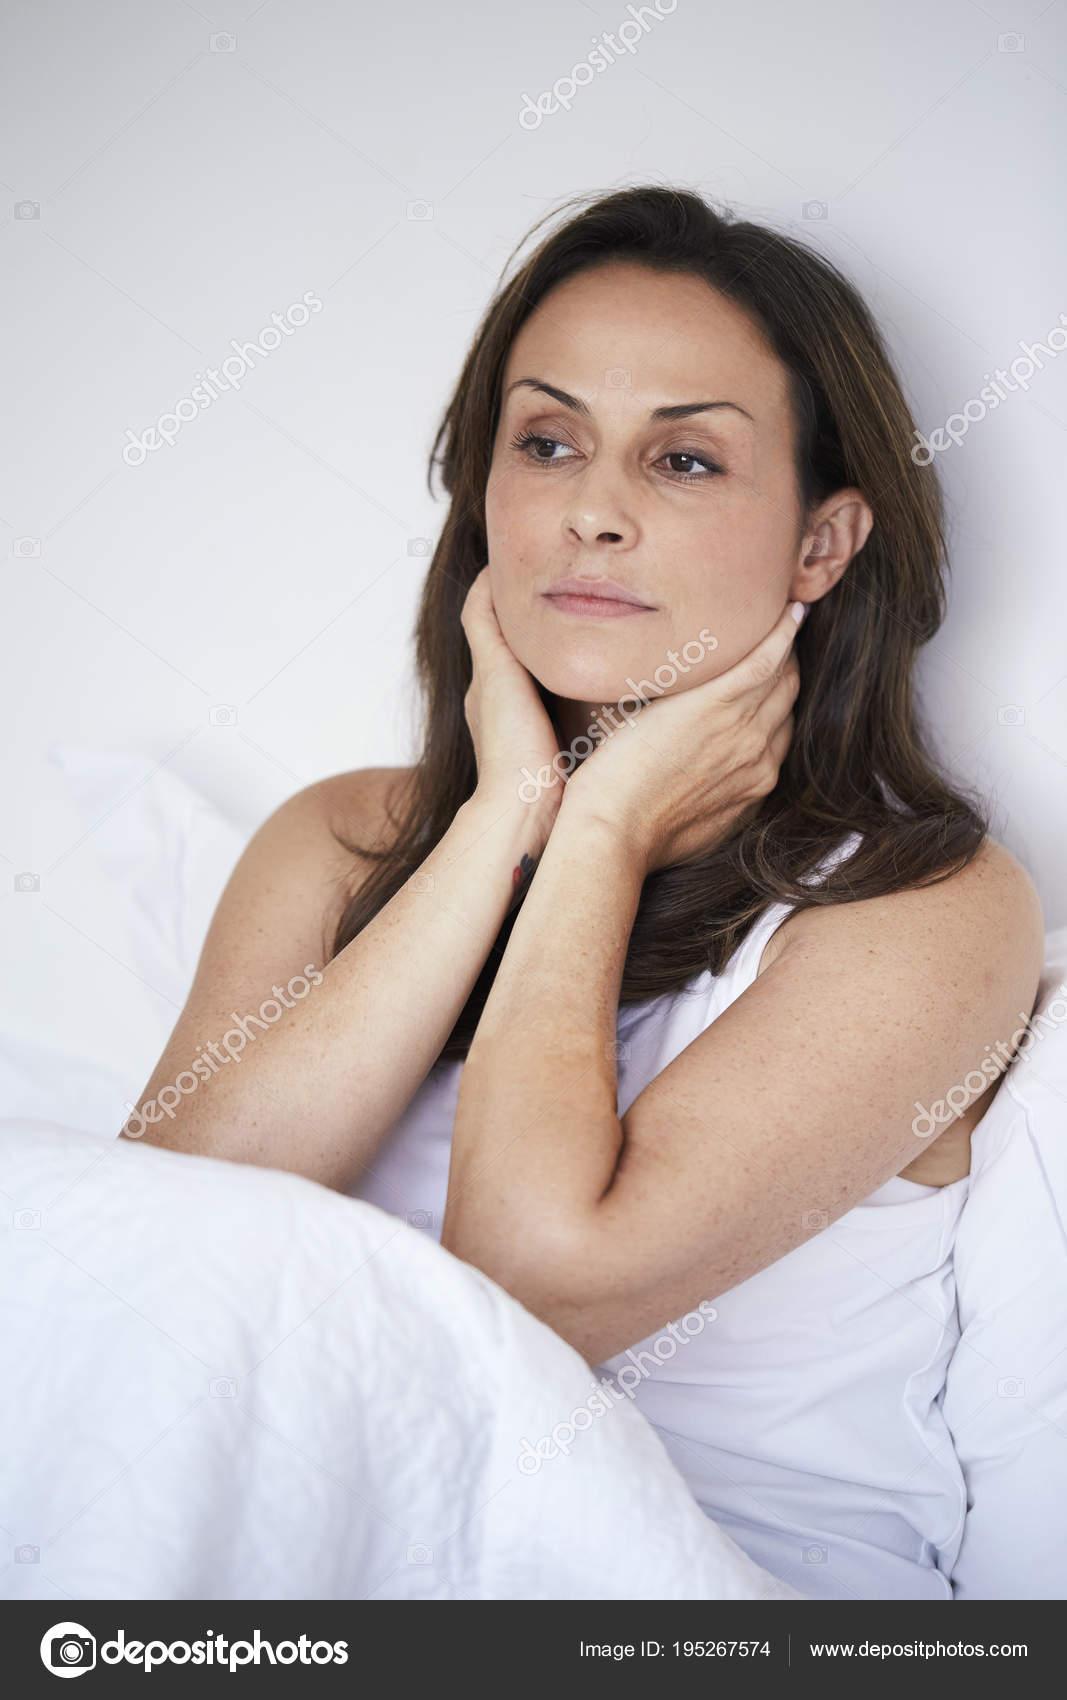 Nachdenklich Mitte Adult Brünette Frau Sitzen Bett Auf Der Suche